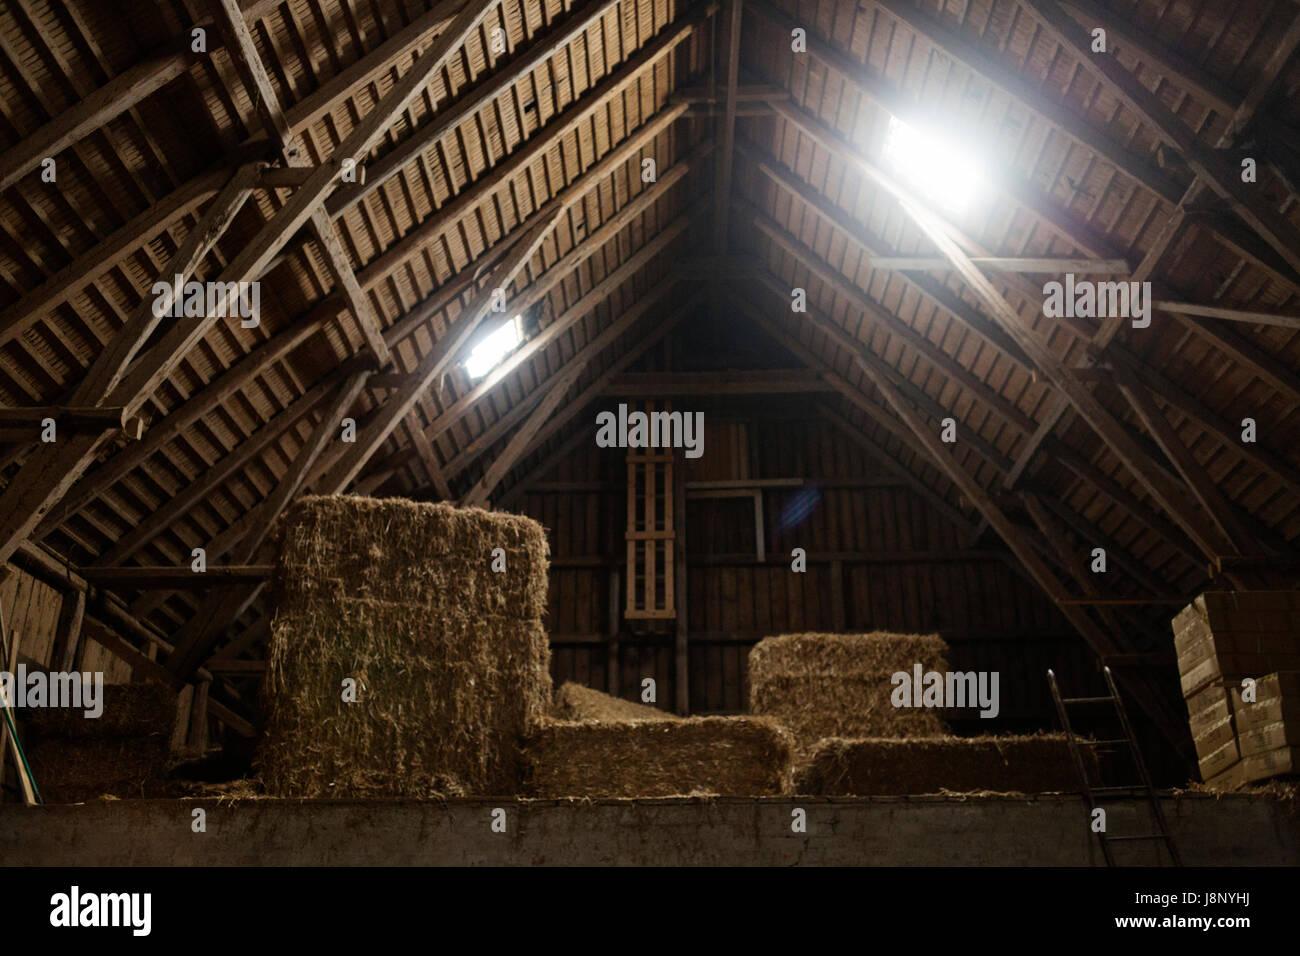 Haystack in barn Stock Photo